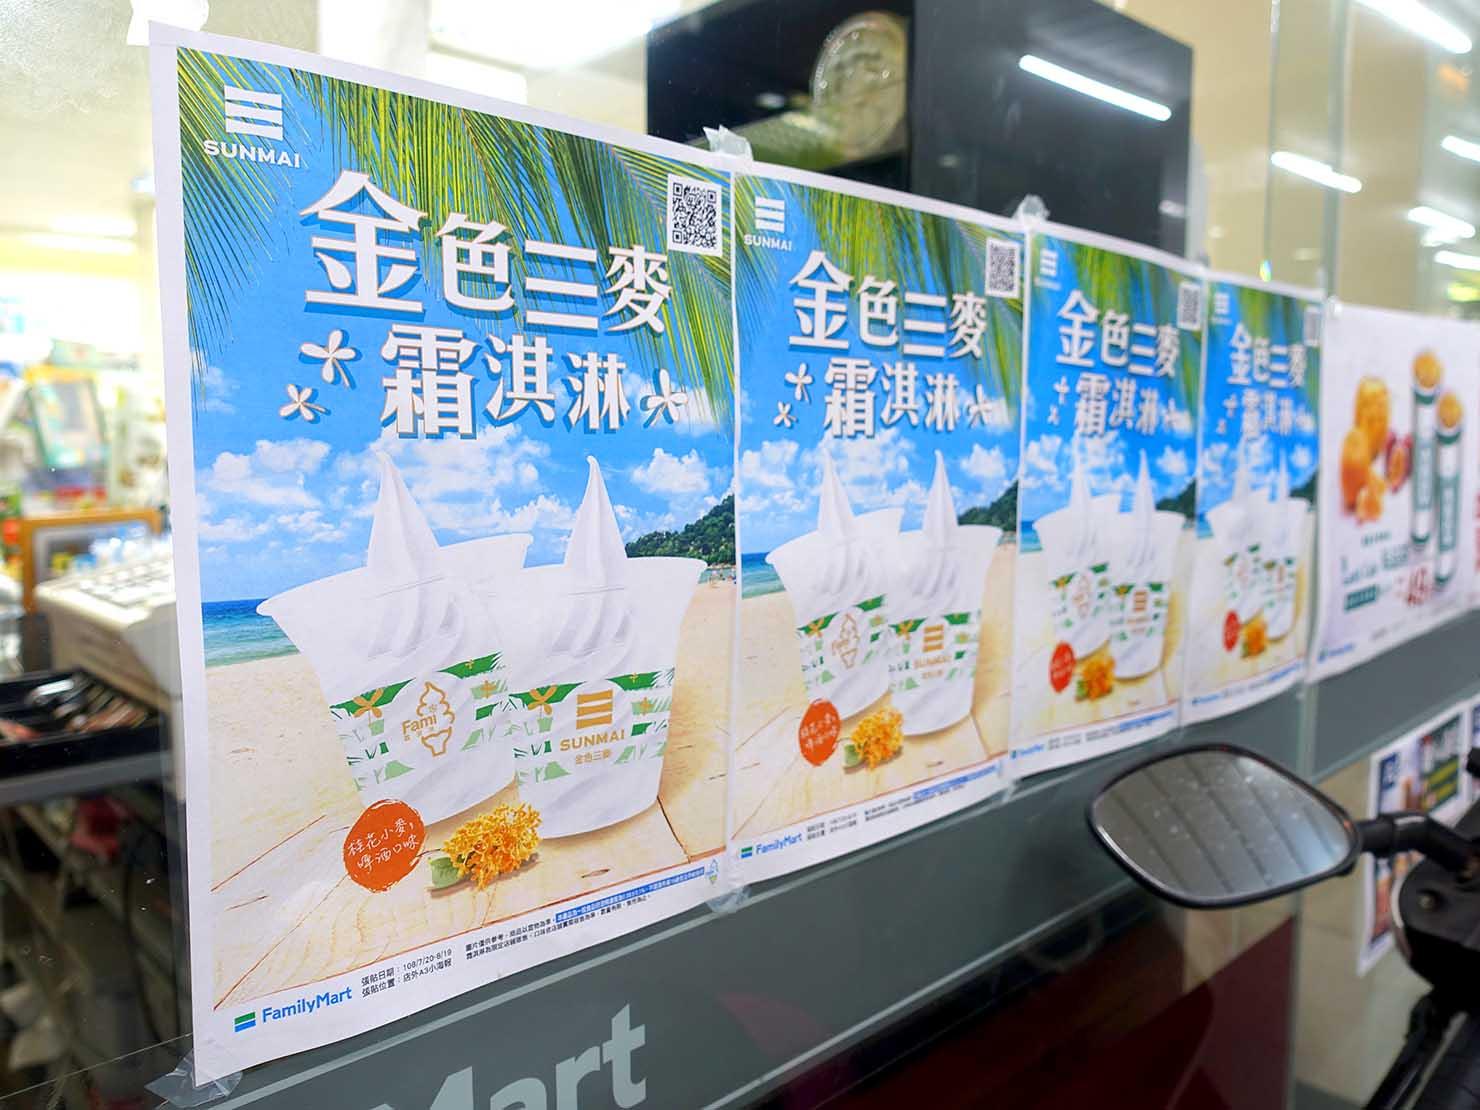 台湾のコンビニでよく食べているおやつ「霜淇淋(ソフトクリーム)」のポスター